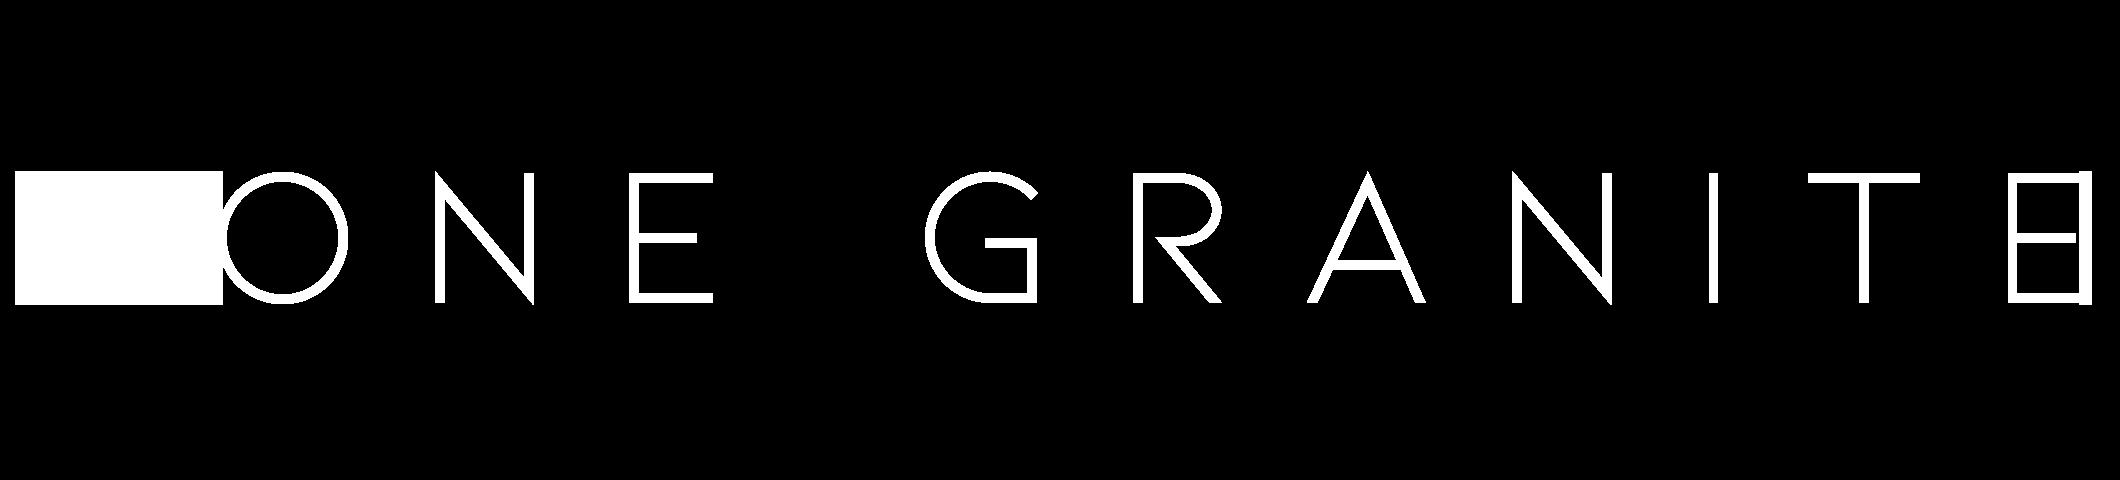 Zone Granite